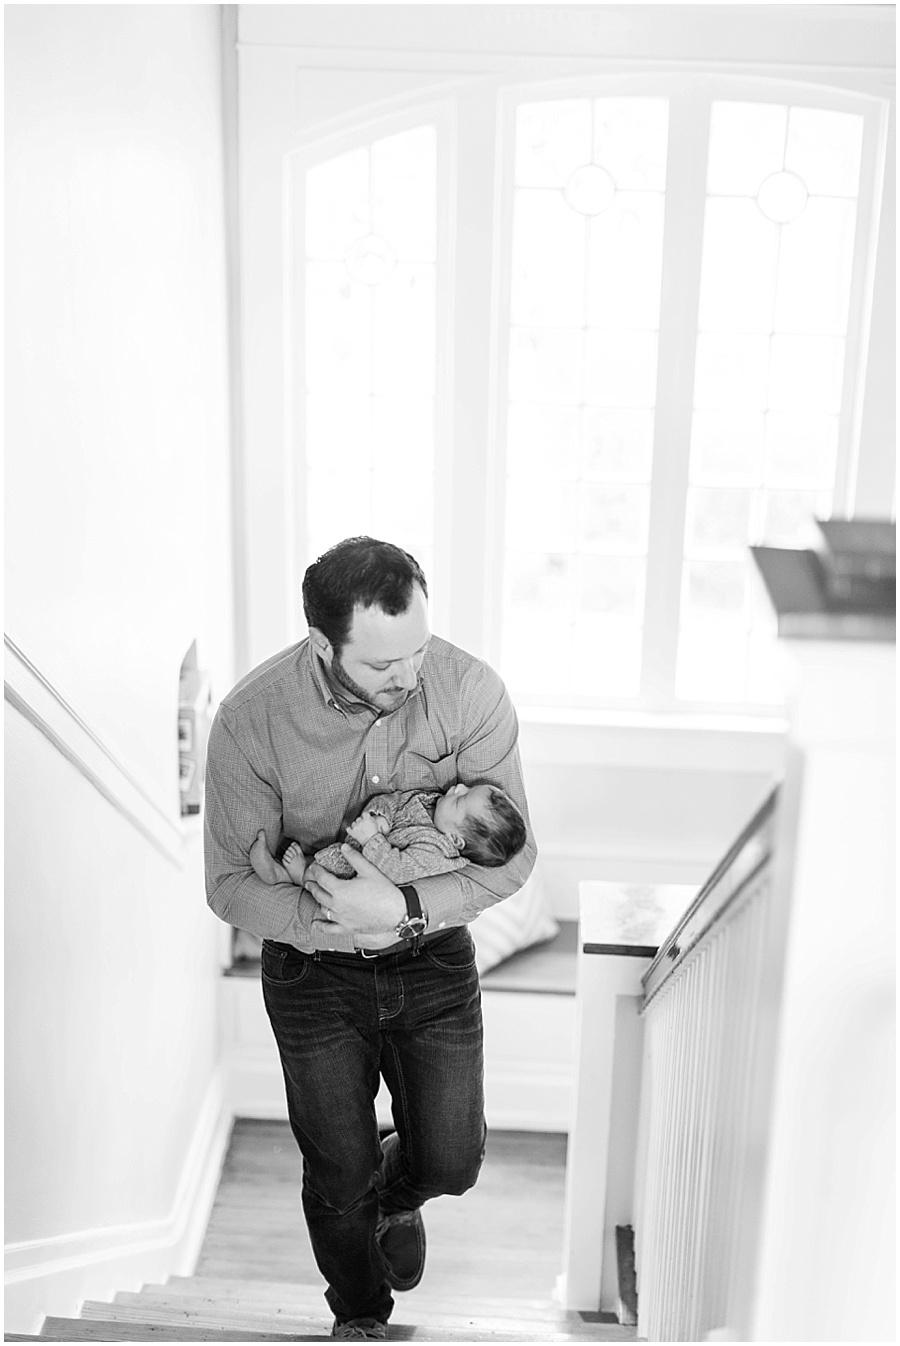 Friedmann-Caroline-Newborn-Photo-39.jpg